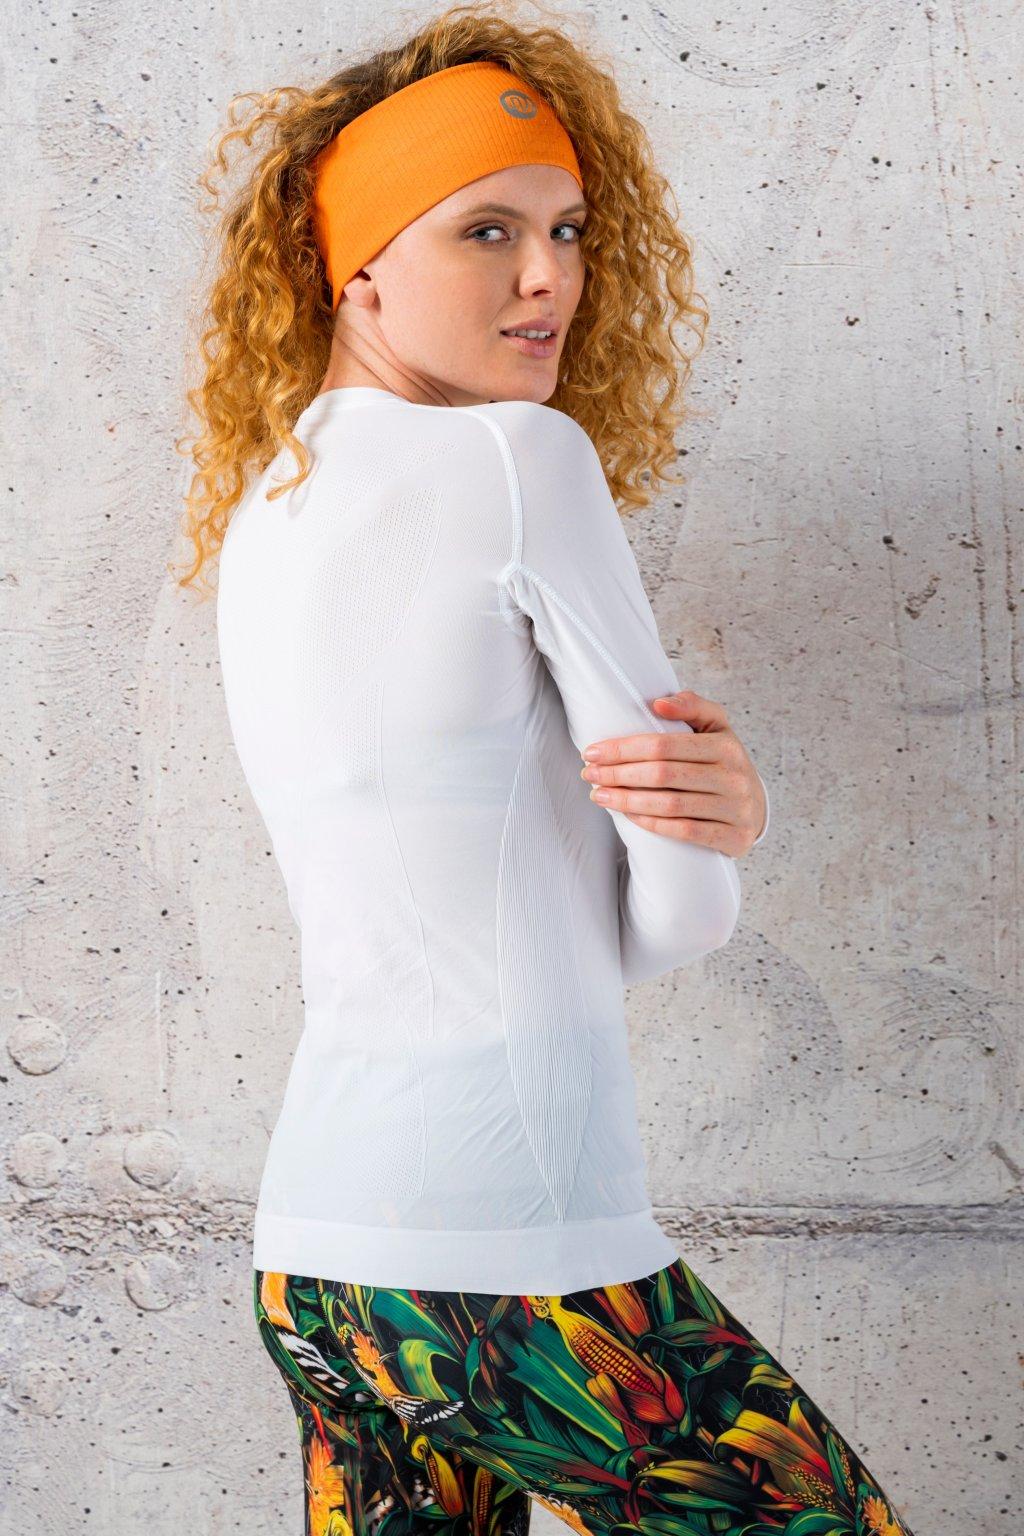 Prodyšné ultra light tričko s dlouhým rukávem BLD00